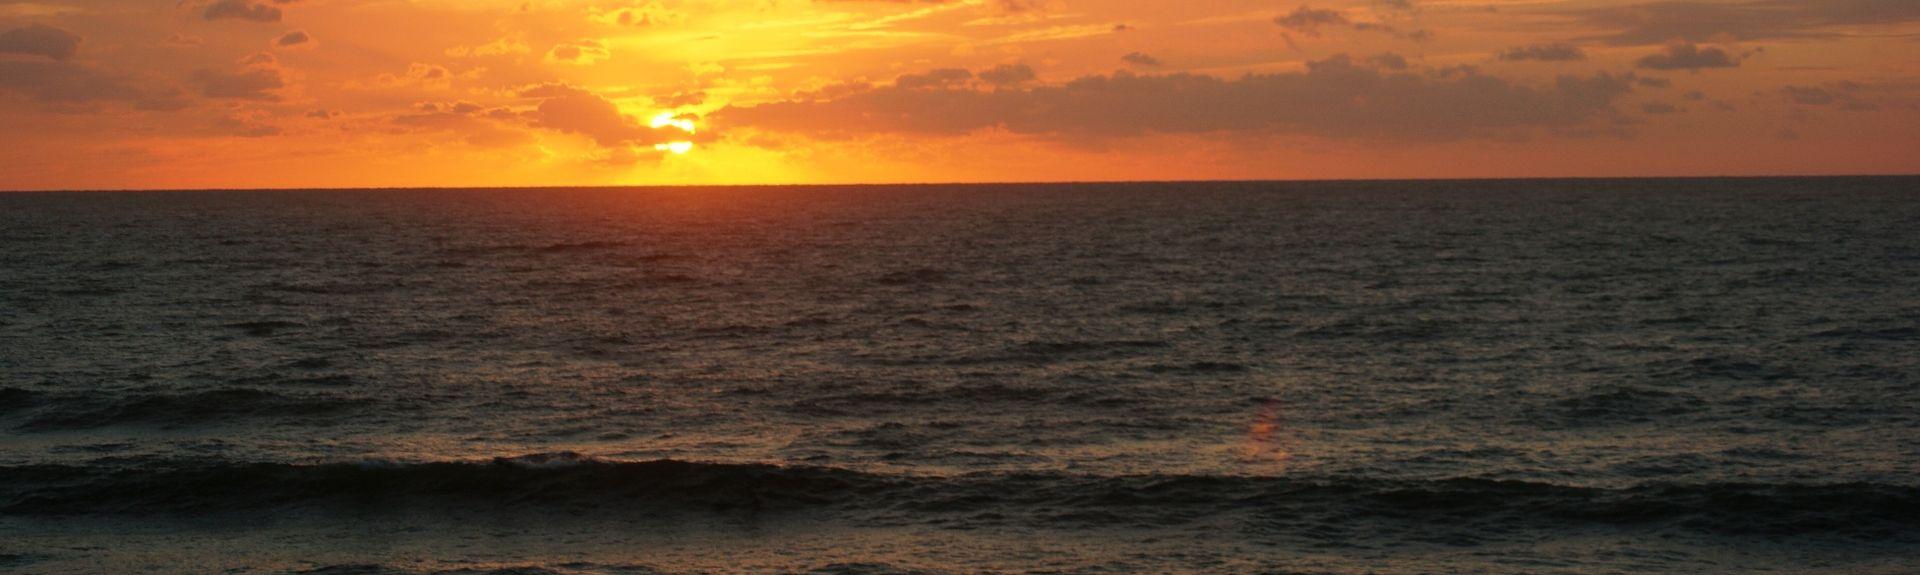 Sea Colony, Carolina Beach